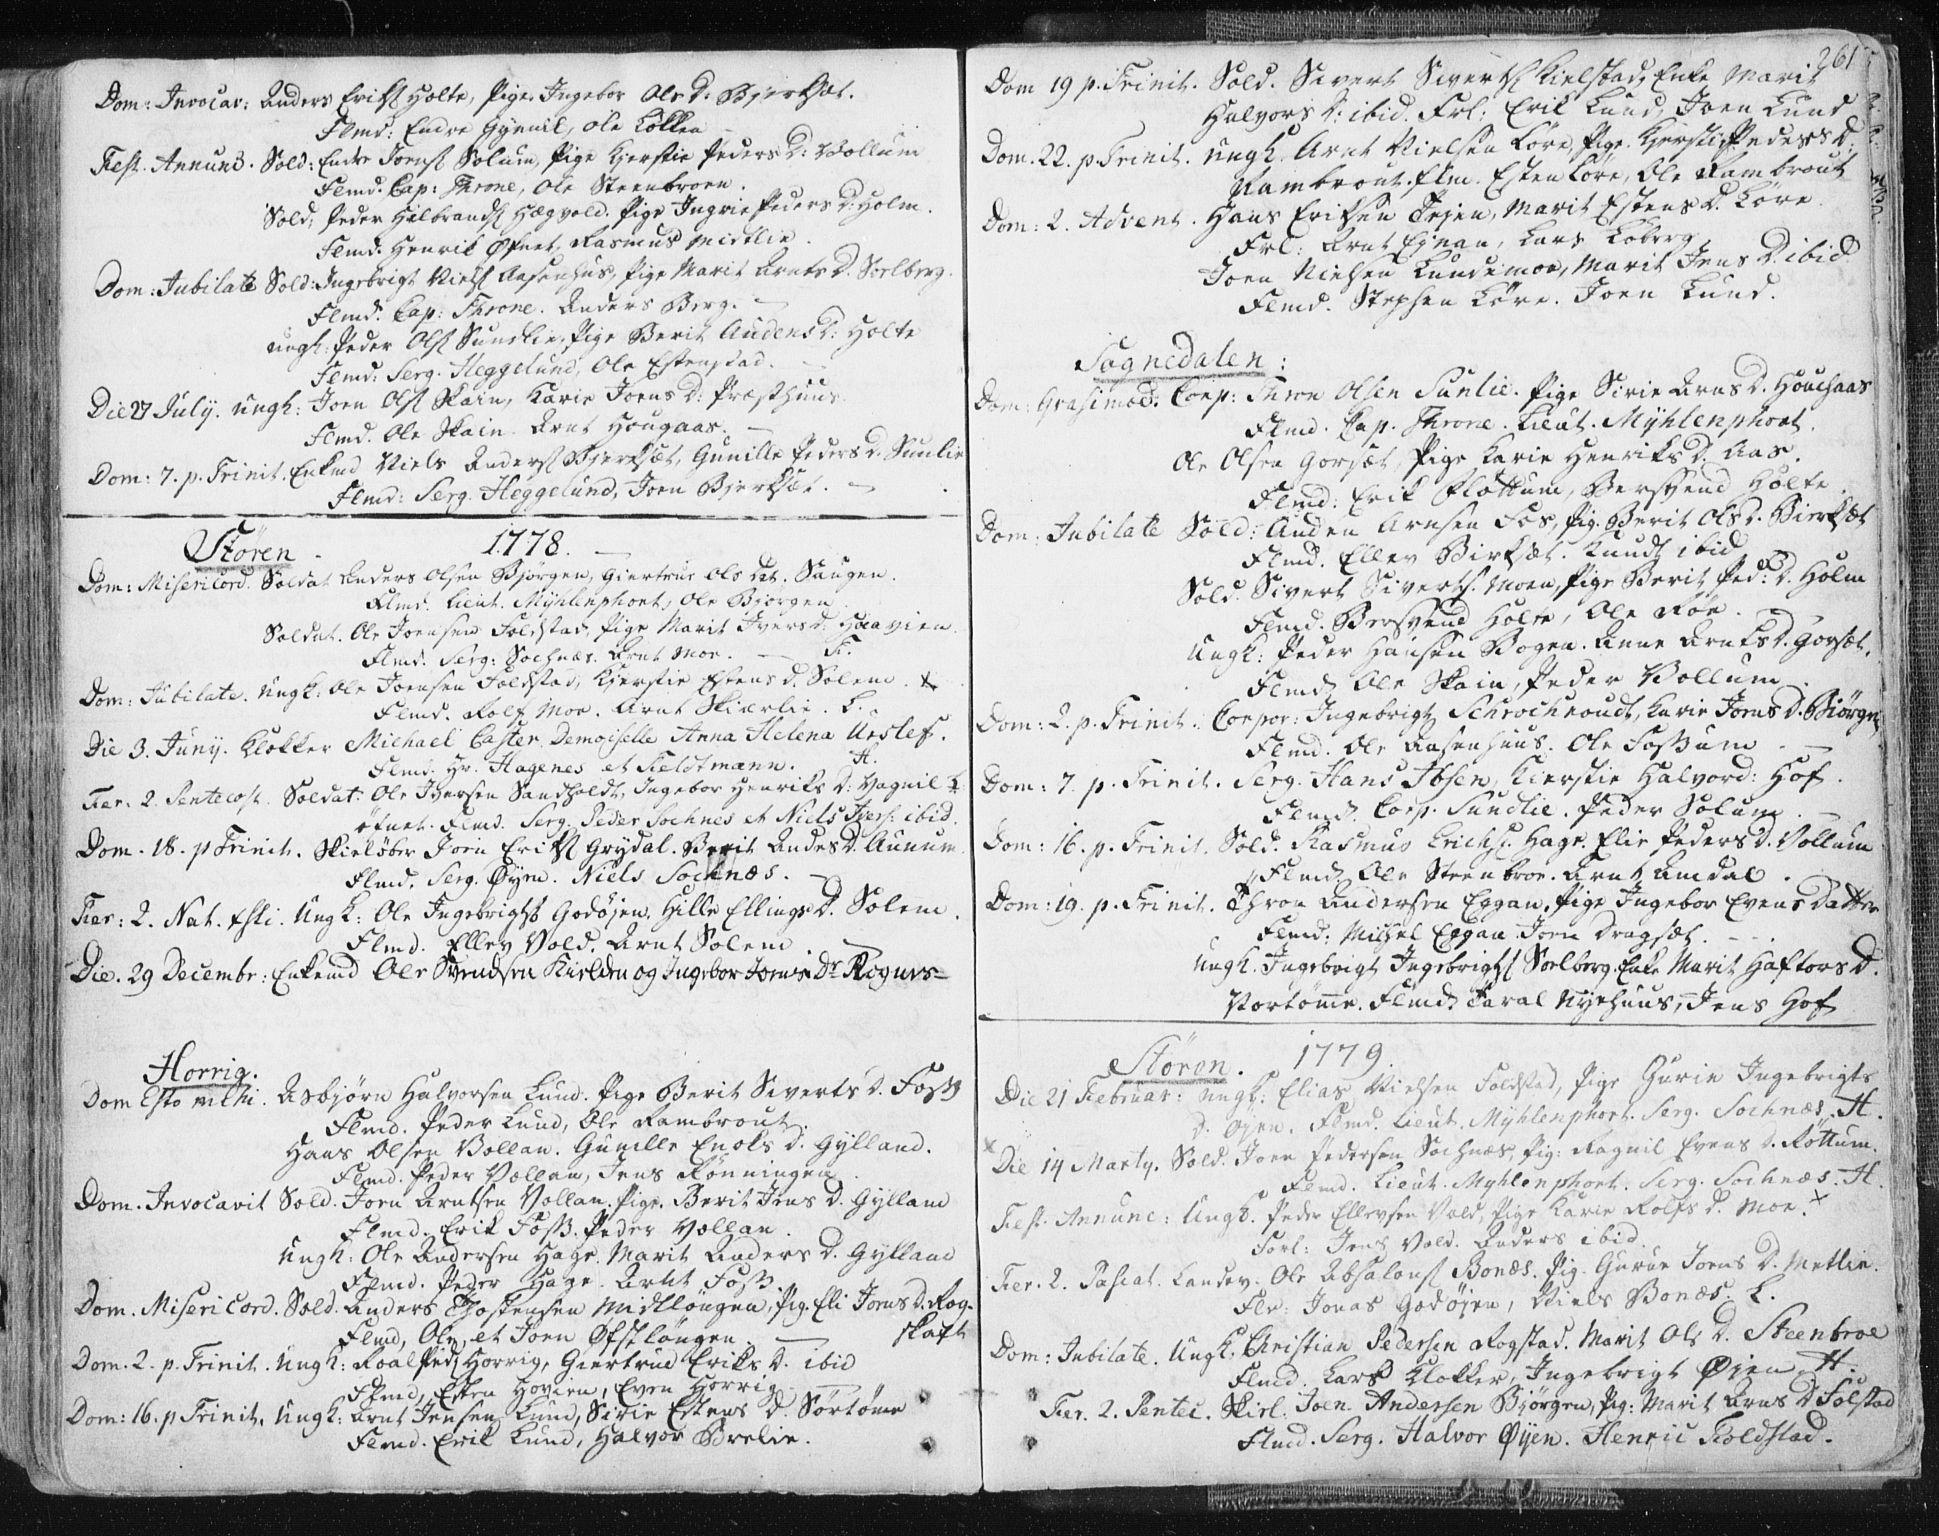 SAT, Ministerialprotokoller, klokkerbøker og fødselsregistre - Sør-Trøndelag, 687/L0991: Ministerialbok nr. 687A02, 1747-1790, s. 261